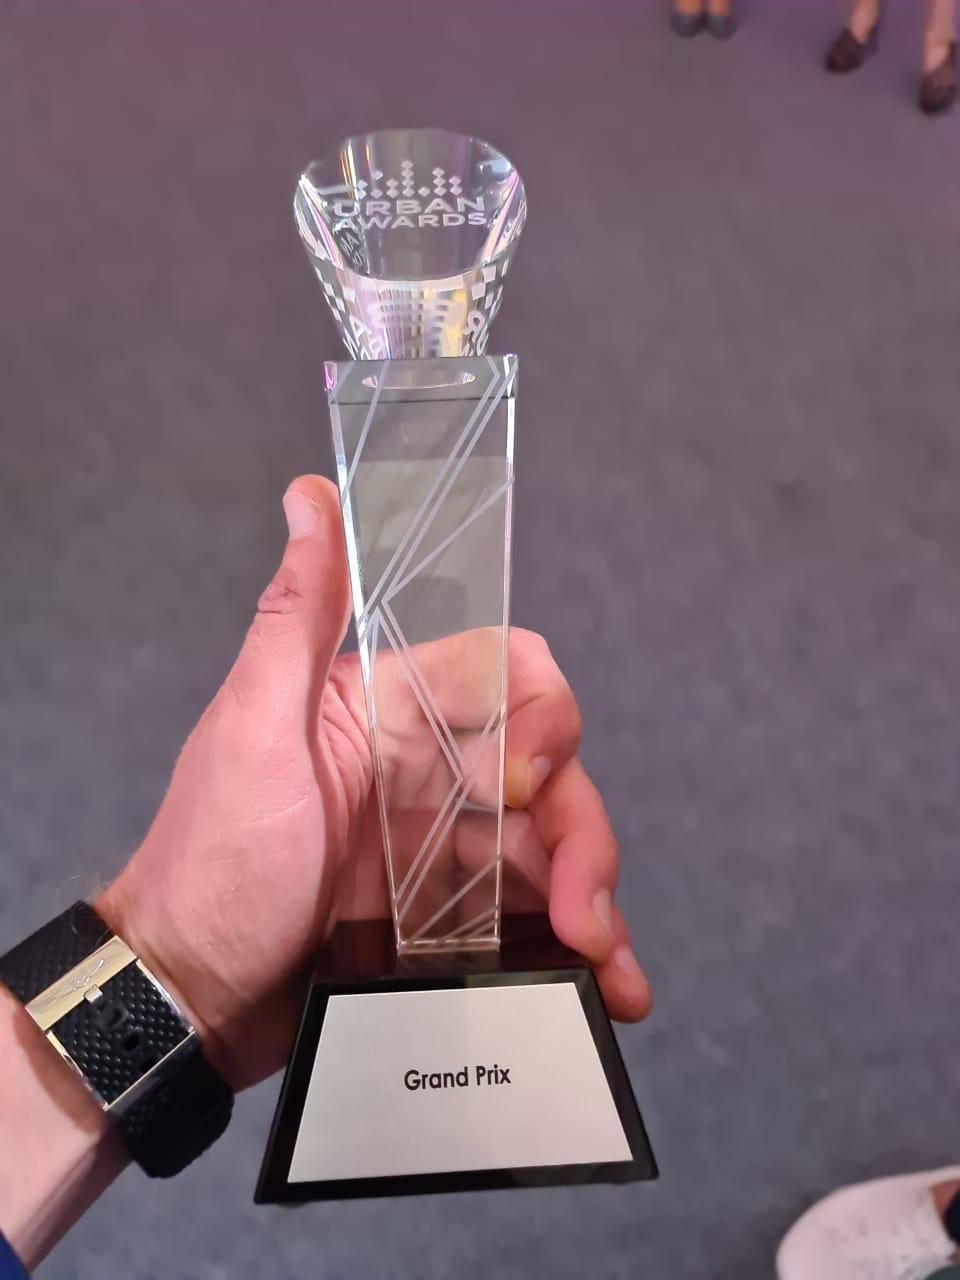 ЖК «Граффити» СК «Ойкумена» взял Grand Prix премии Urban Awards